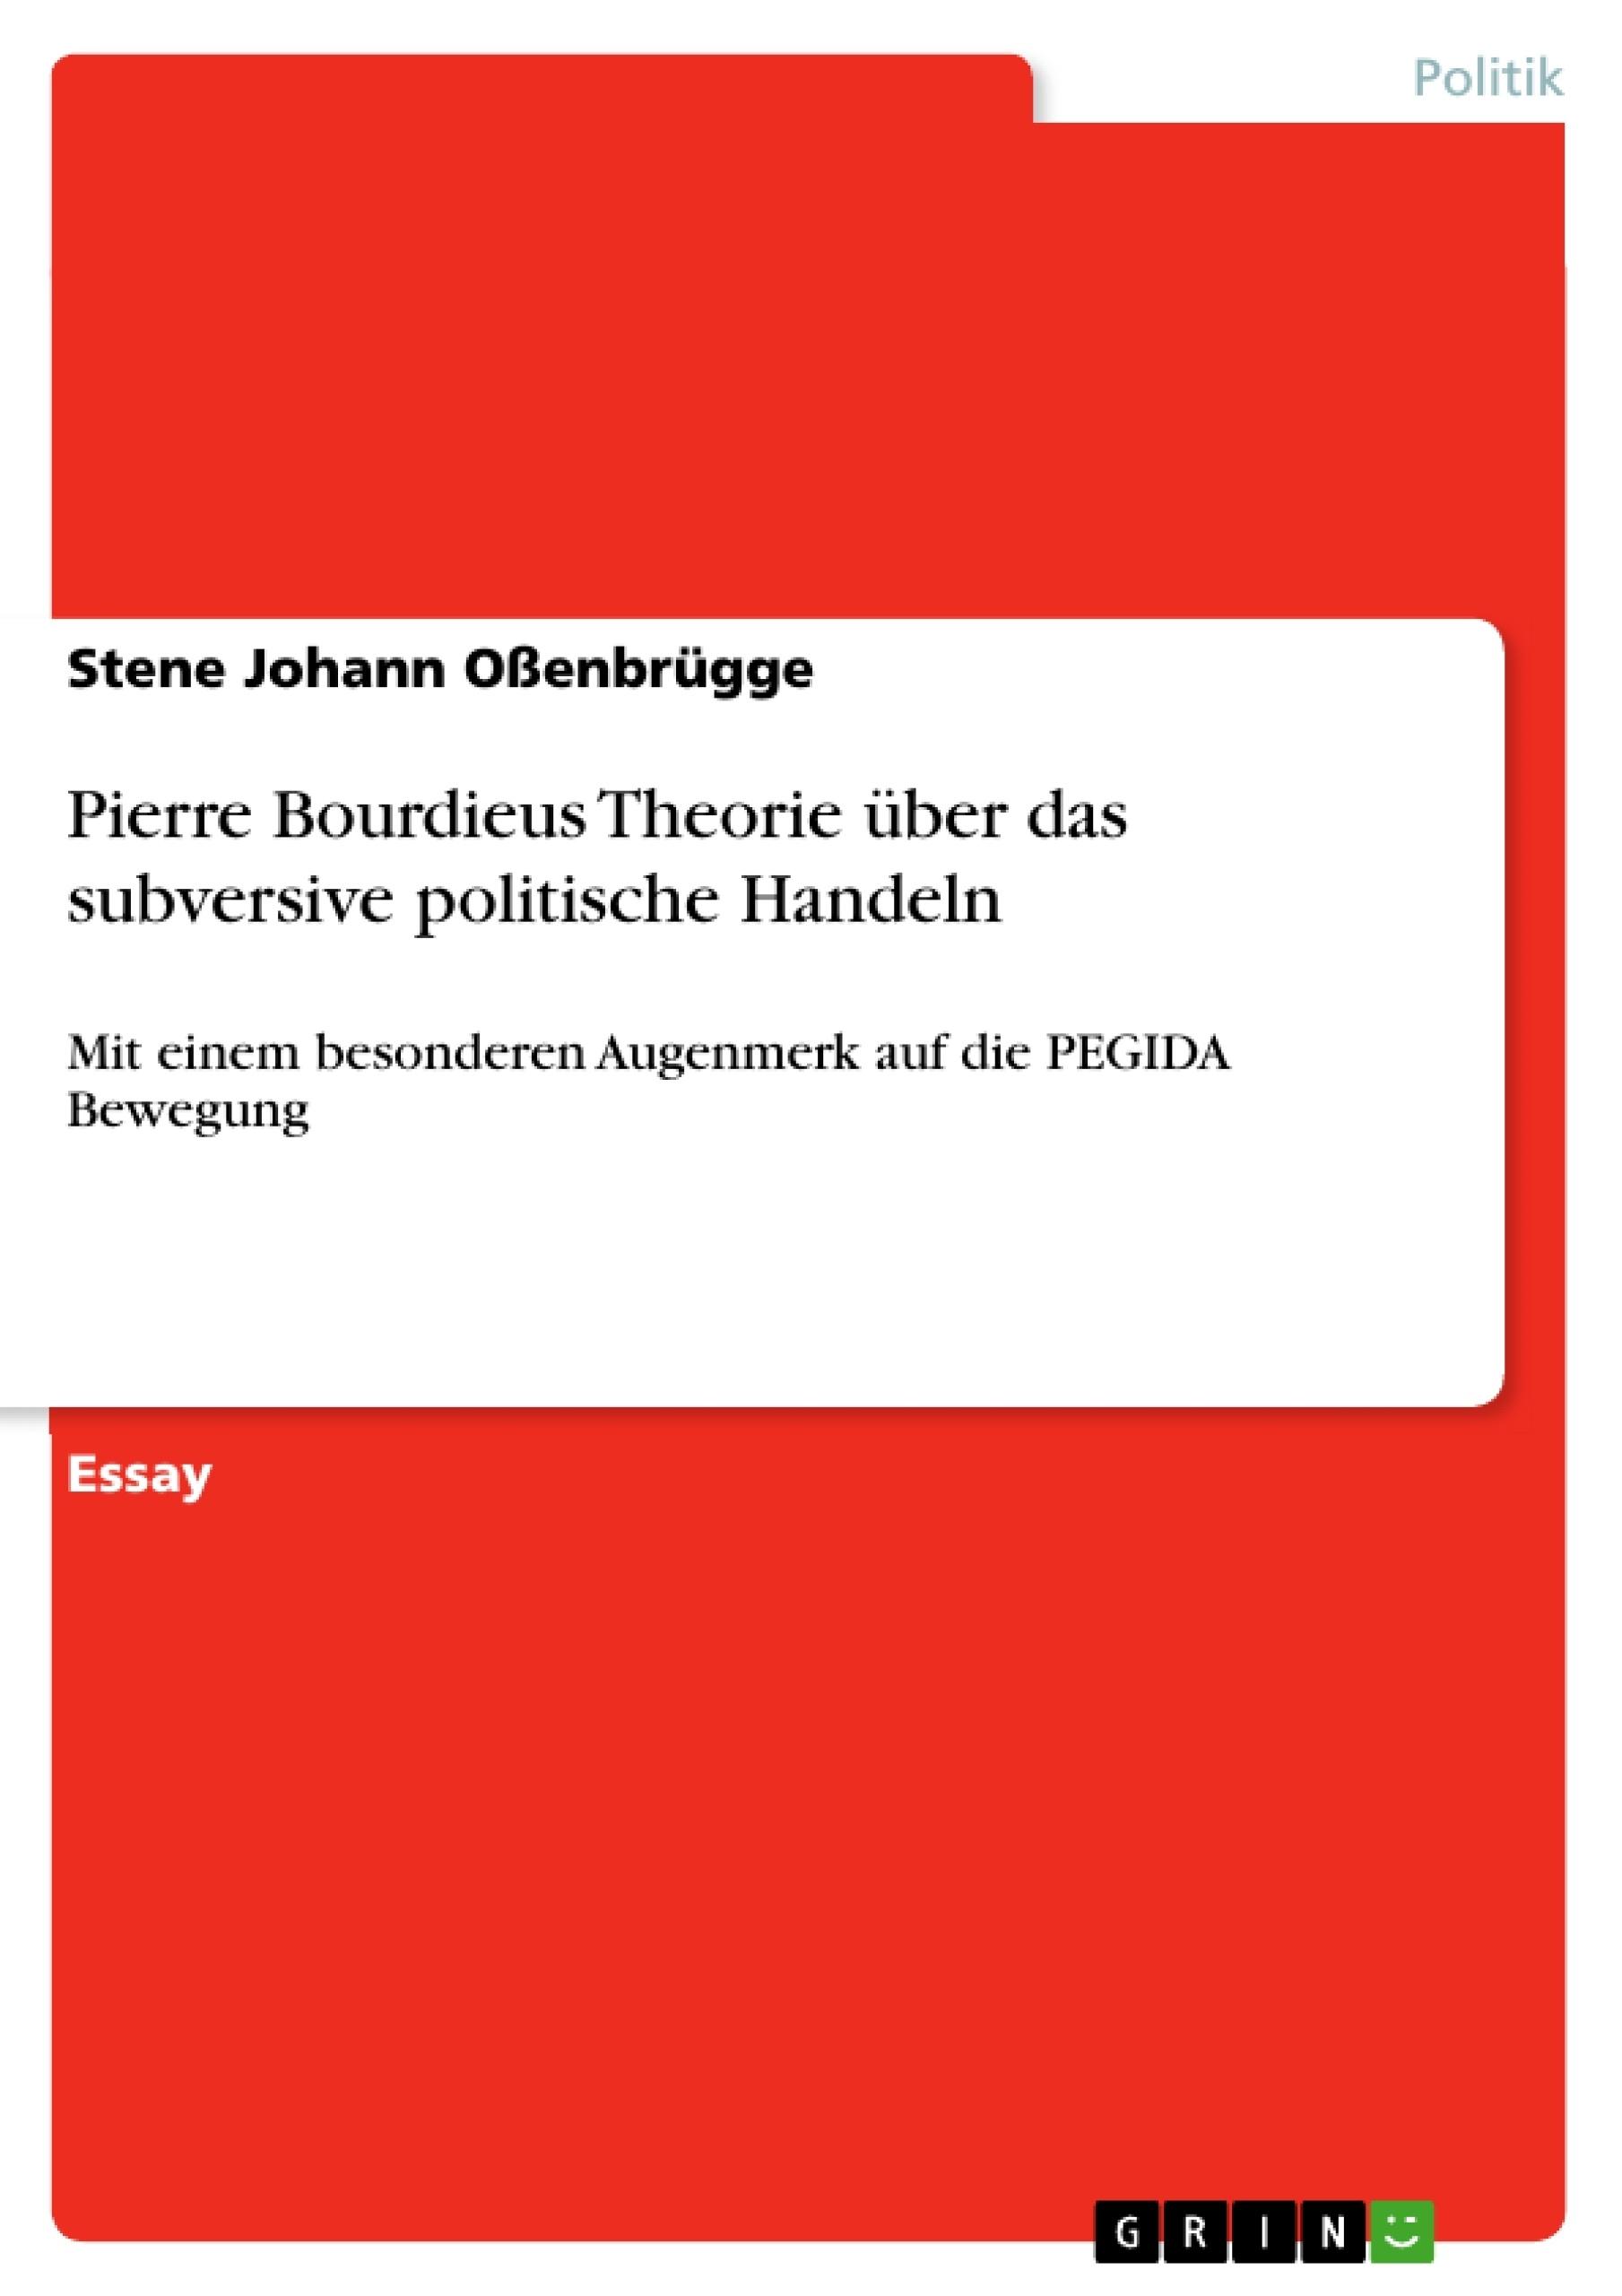 Titel: Pierre Bourdieus Theorie über das subversive politische Handeln